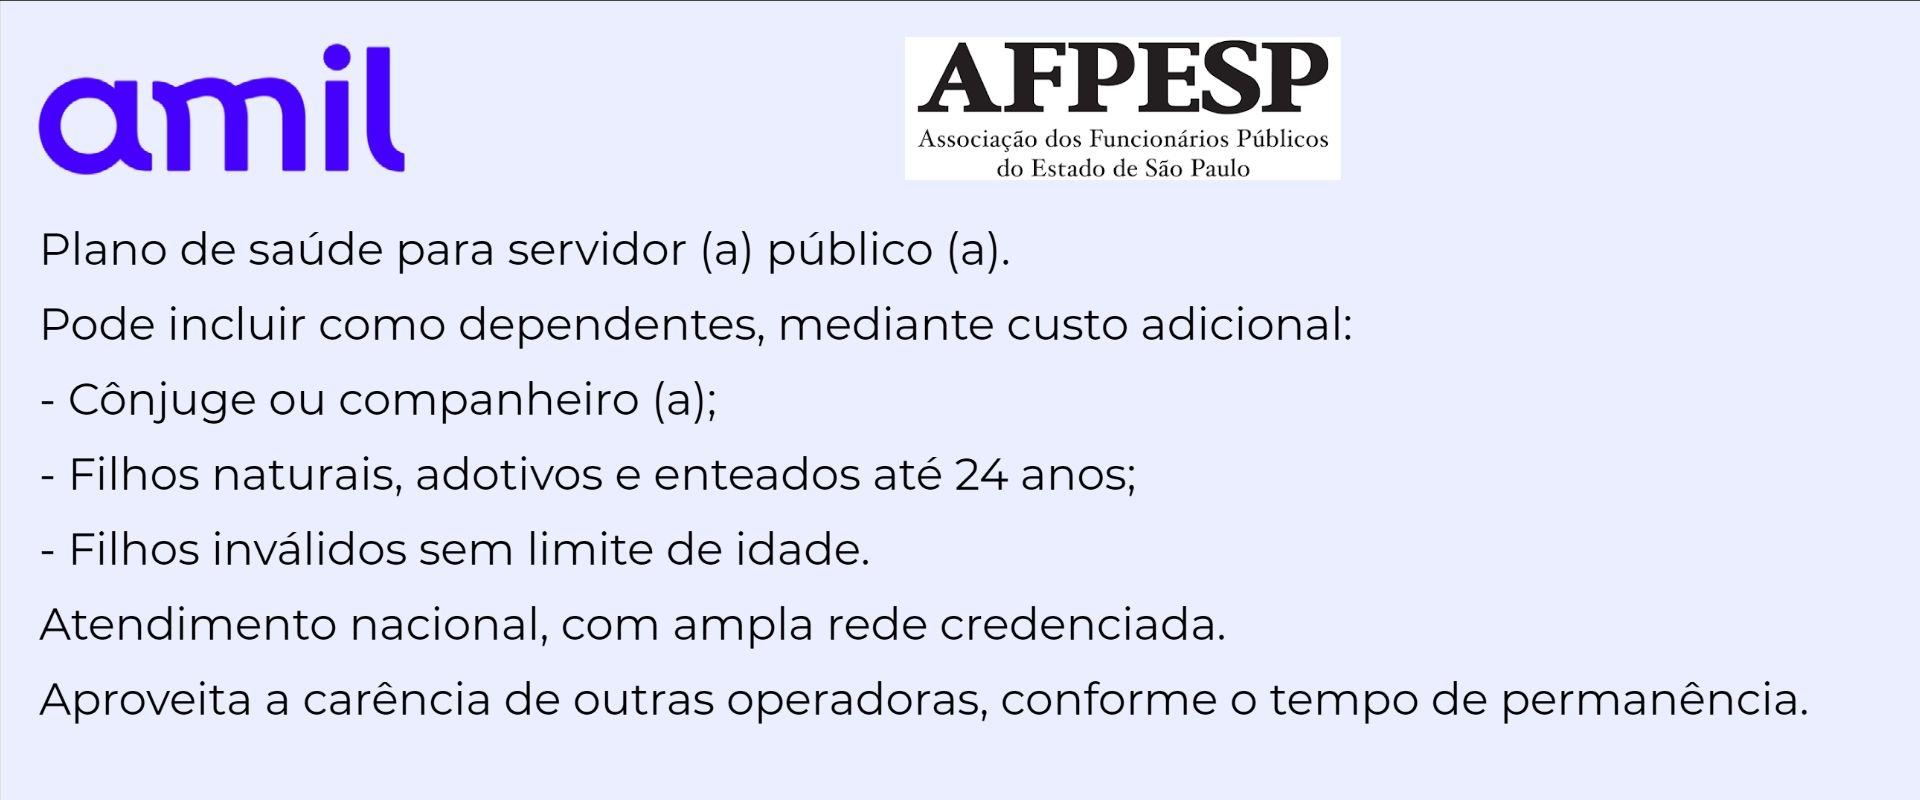 Amil AFPESP